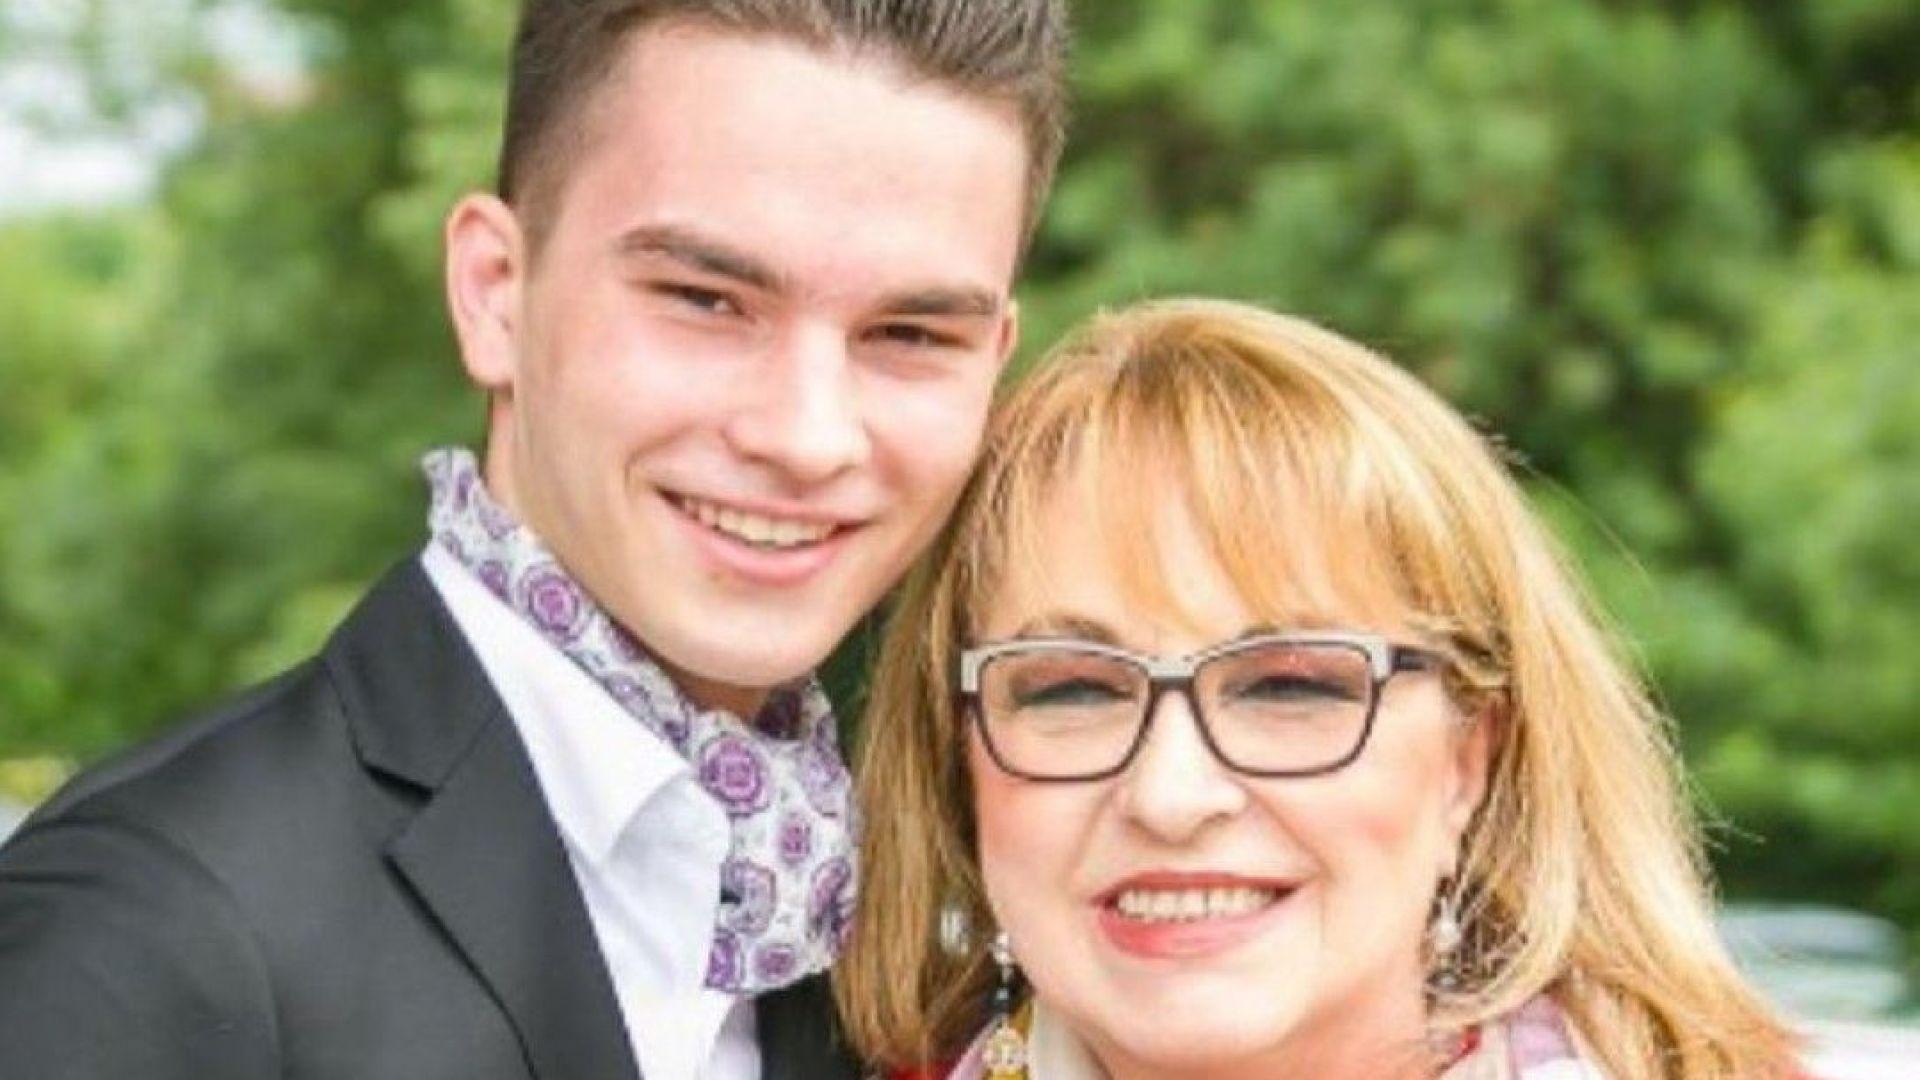 Марги Хранова поздрави внука си за 19-ия му рожден ден с мил кадър